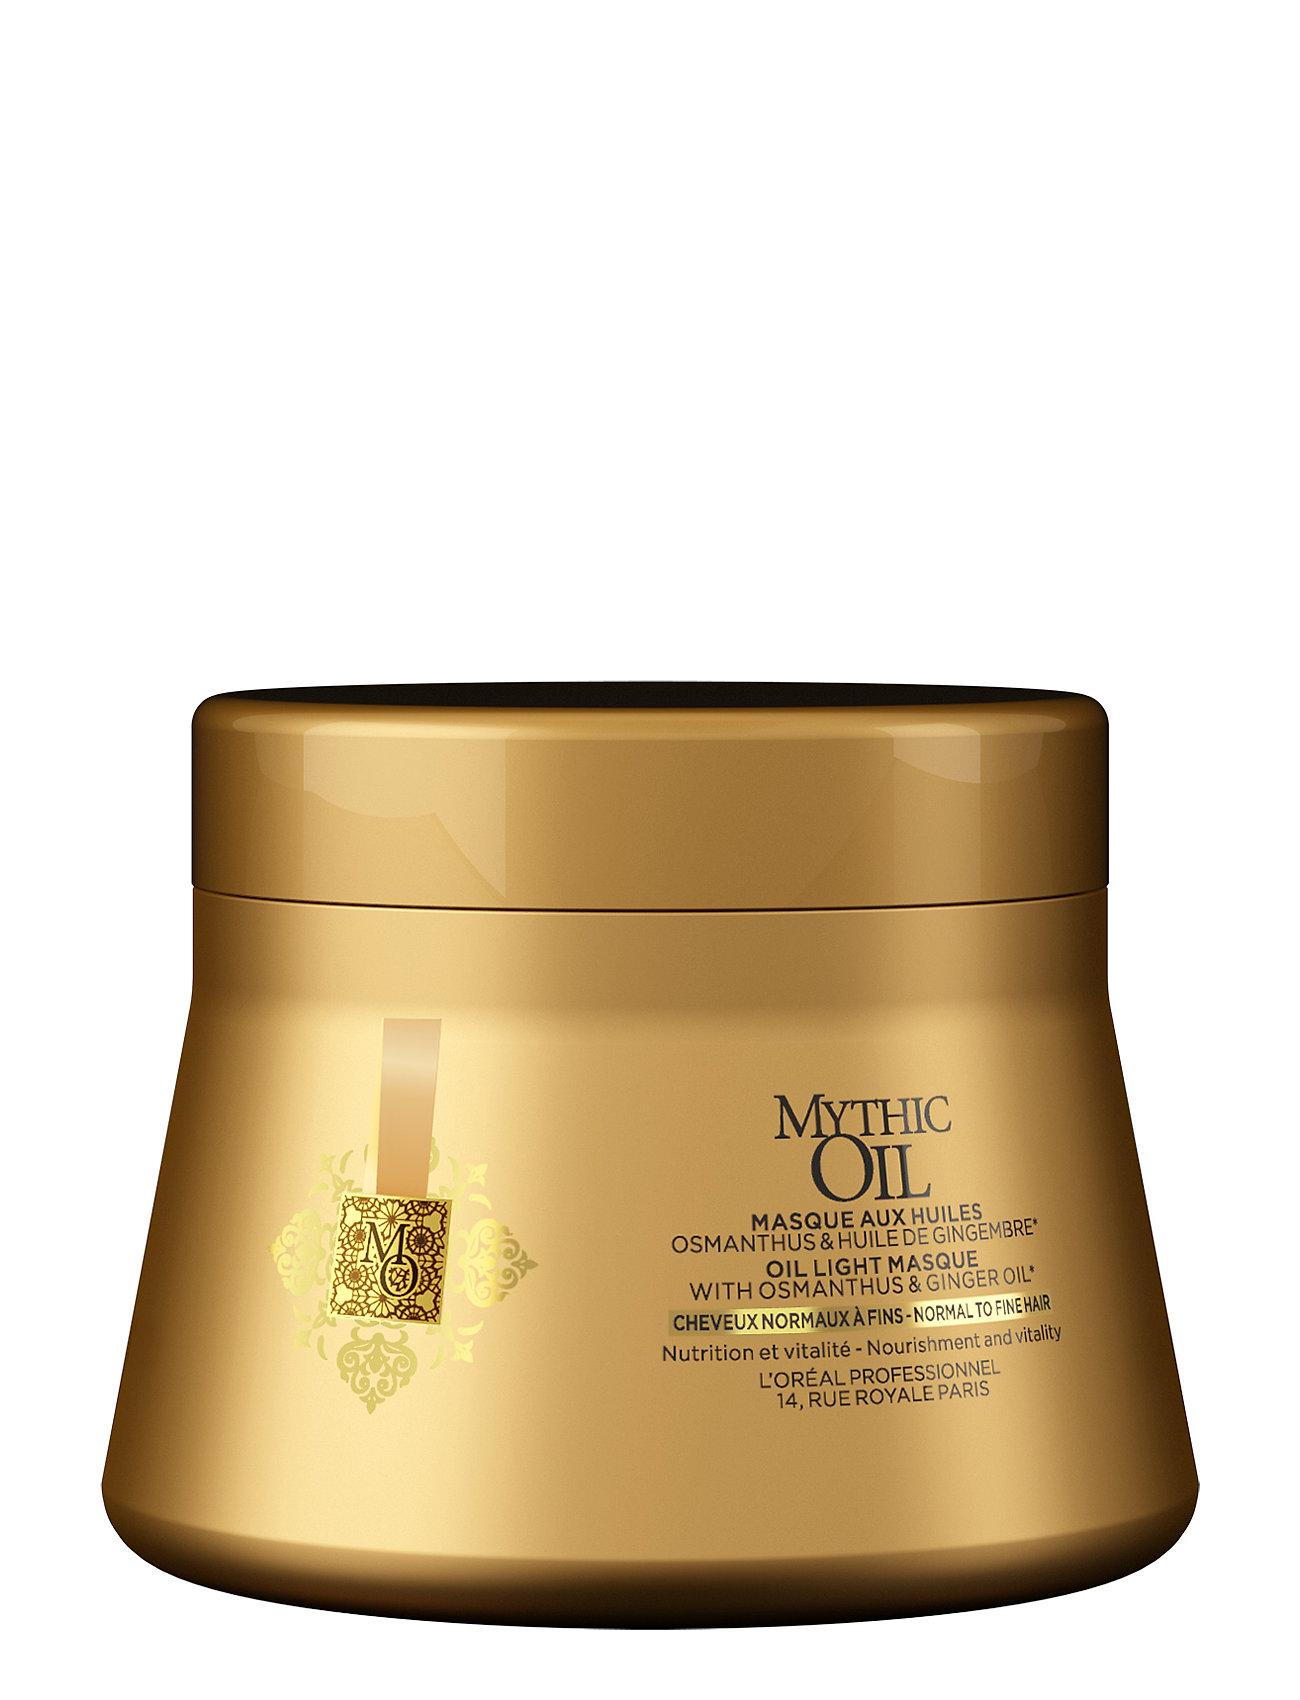 L'OréAl Professionnel Mythic Oil Huile Mask - L'Oréal Professionnel